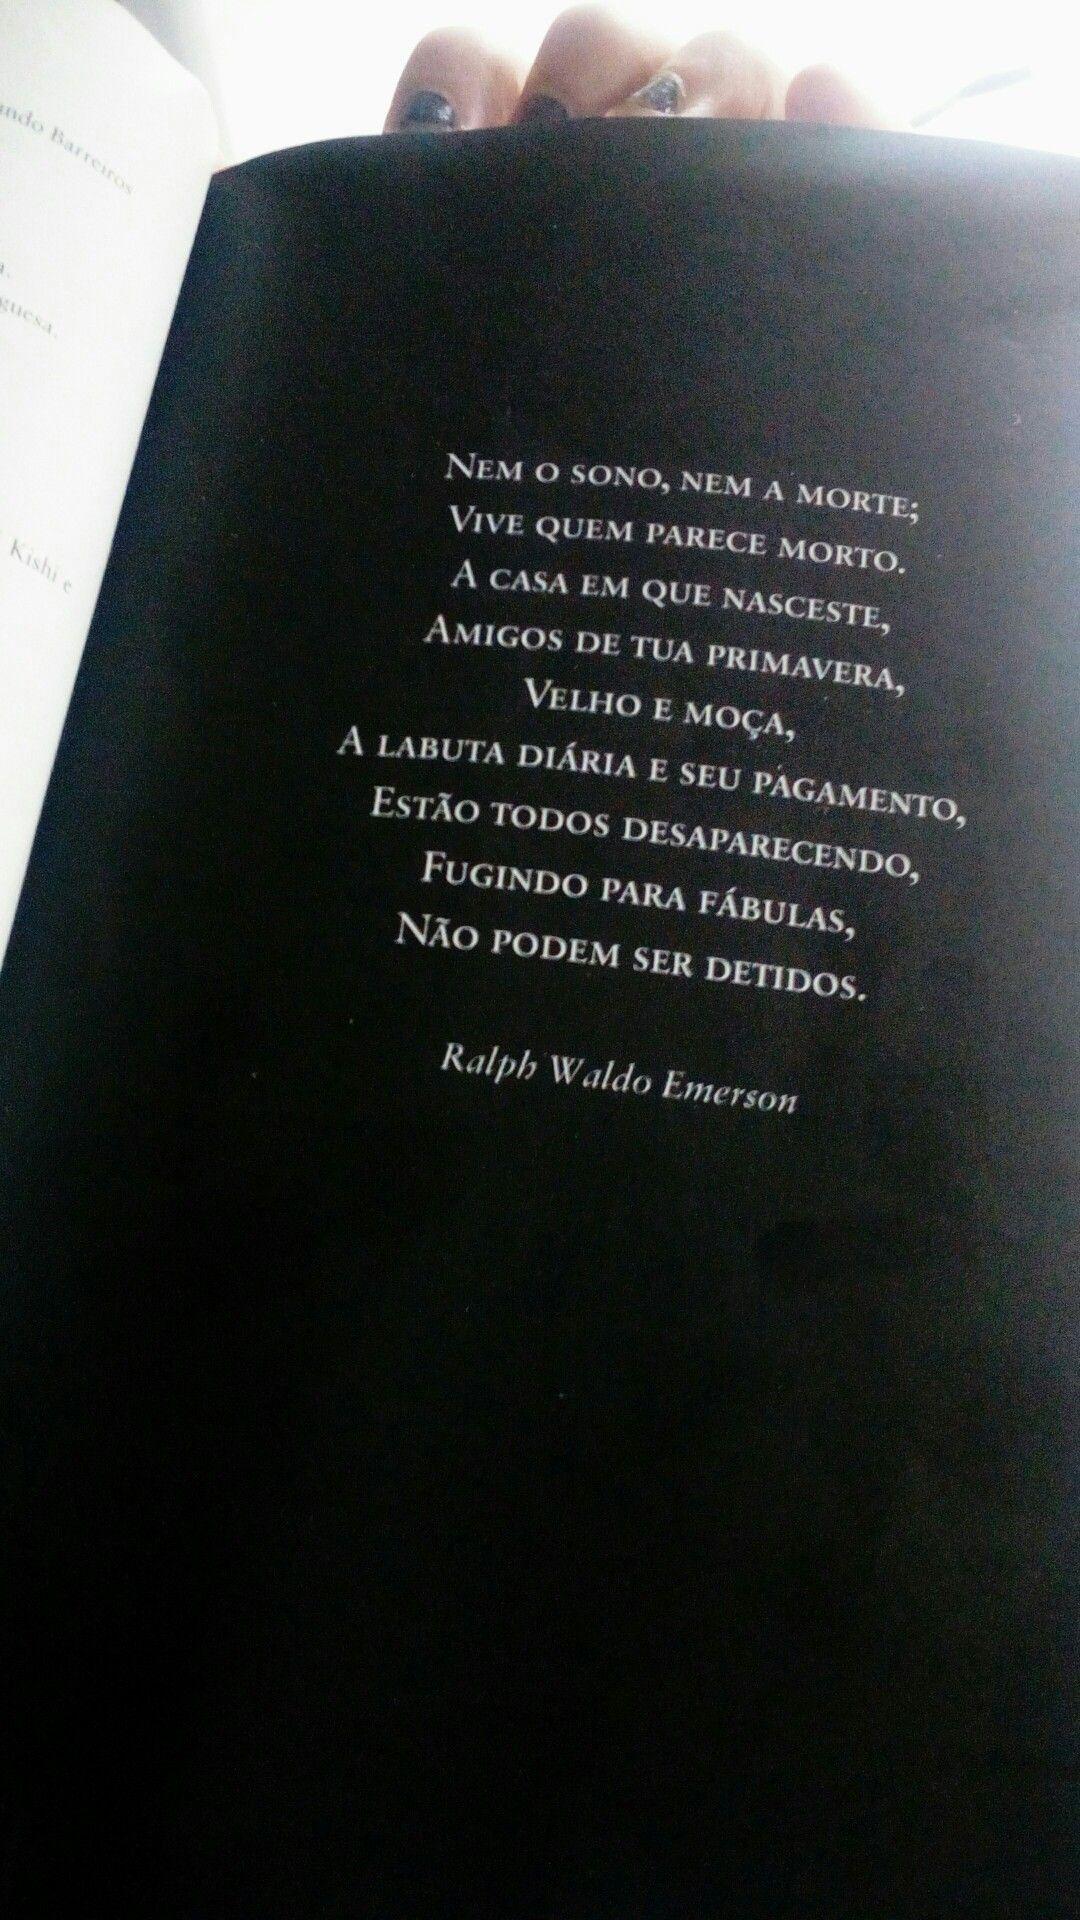 Pin De Maria Clara Em Frases E Textos Tumblr Viver Sozinho